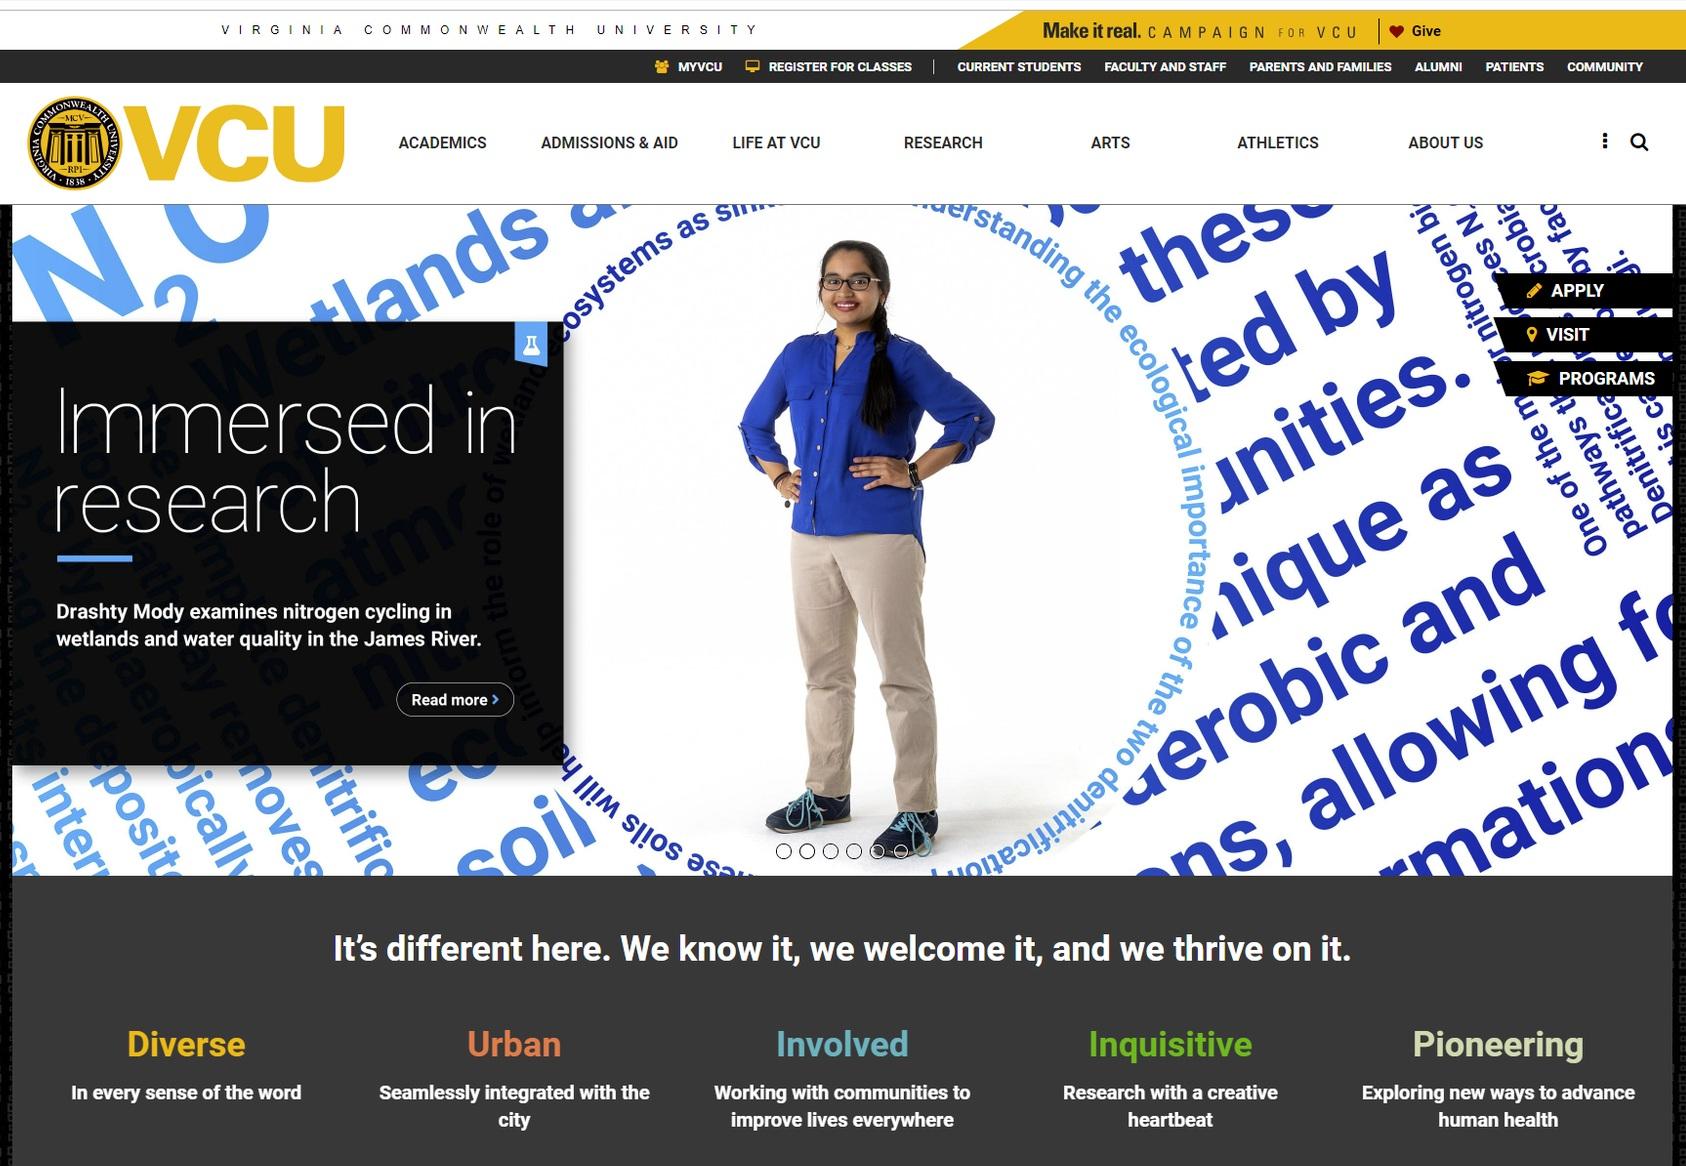 Drashty_VCU_homepage.jpg